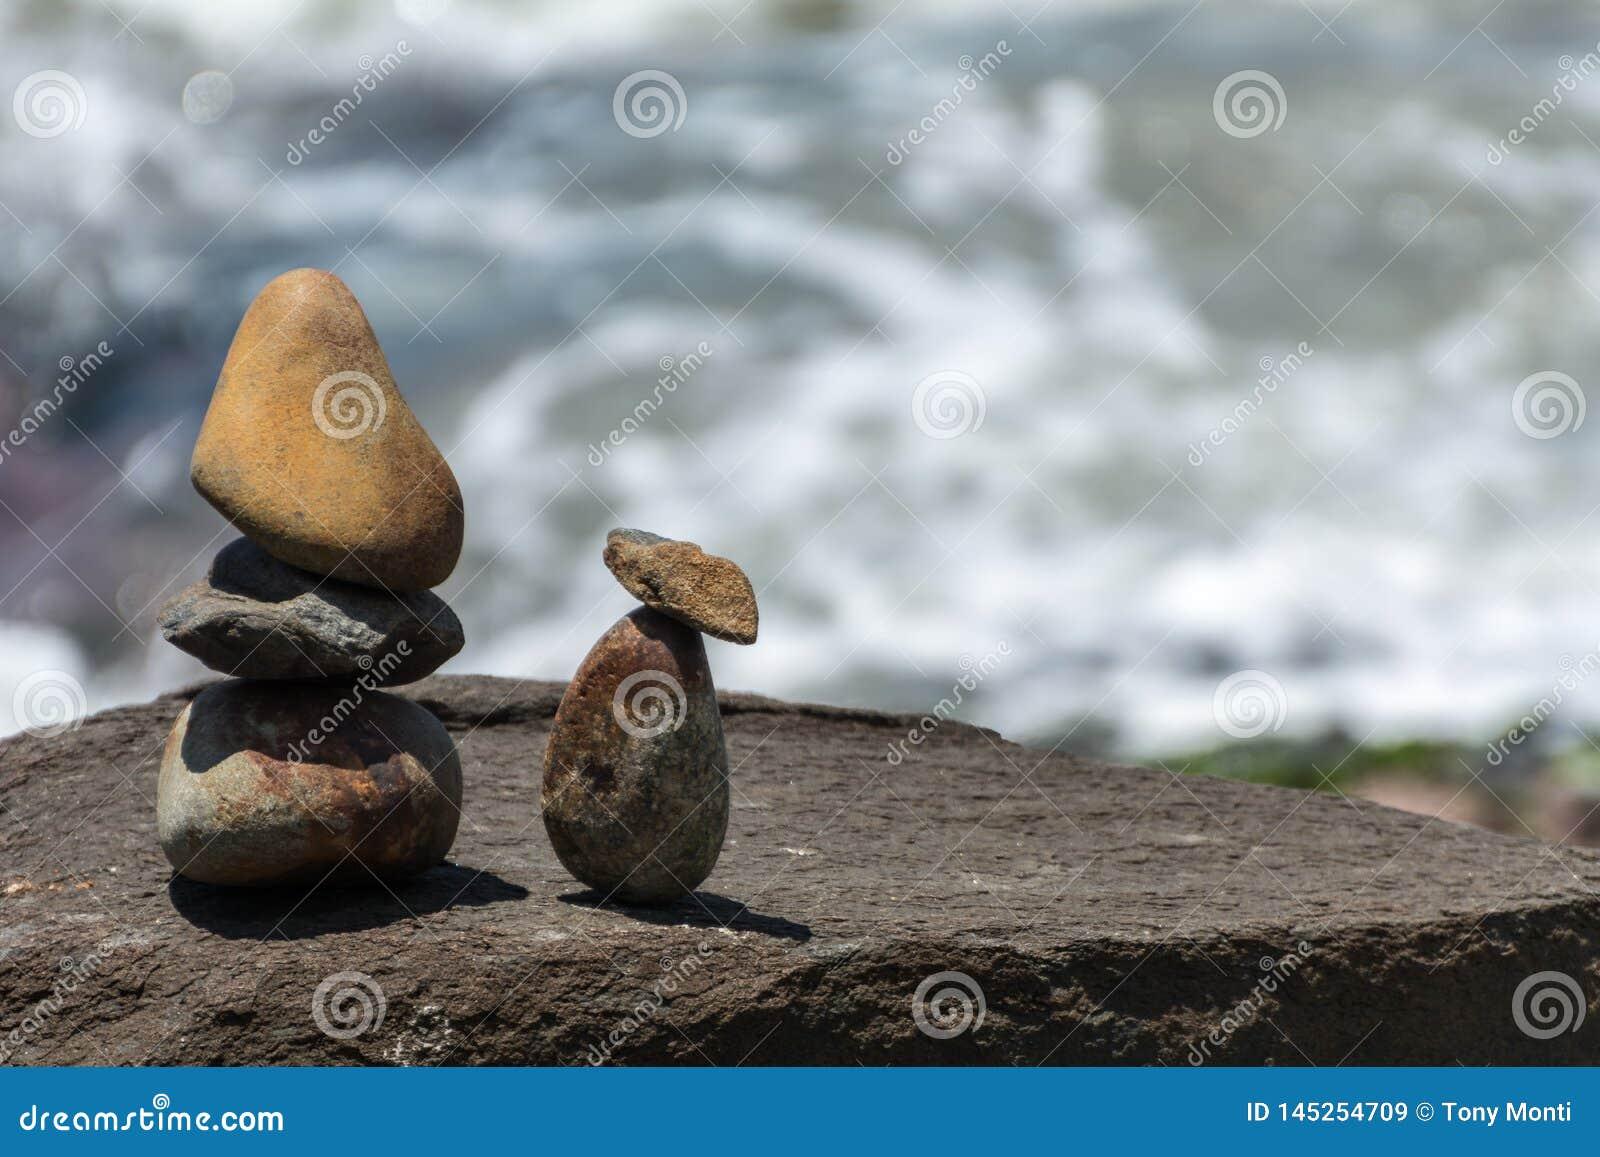 Piccola scultura due persone di somiglianza delle pietre davanti al mare, su una regione rocciosa, in Florianopolis, il Brasile